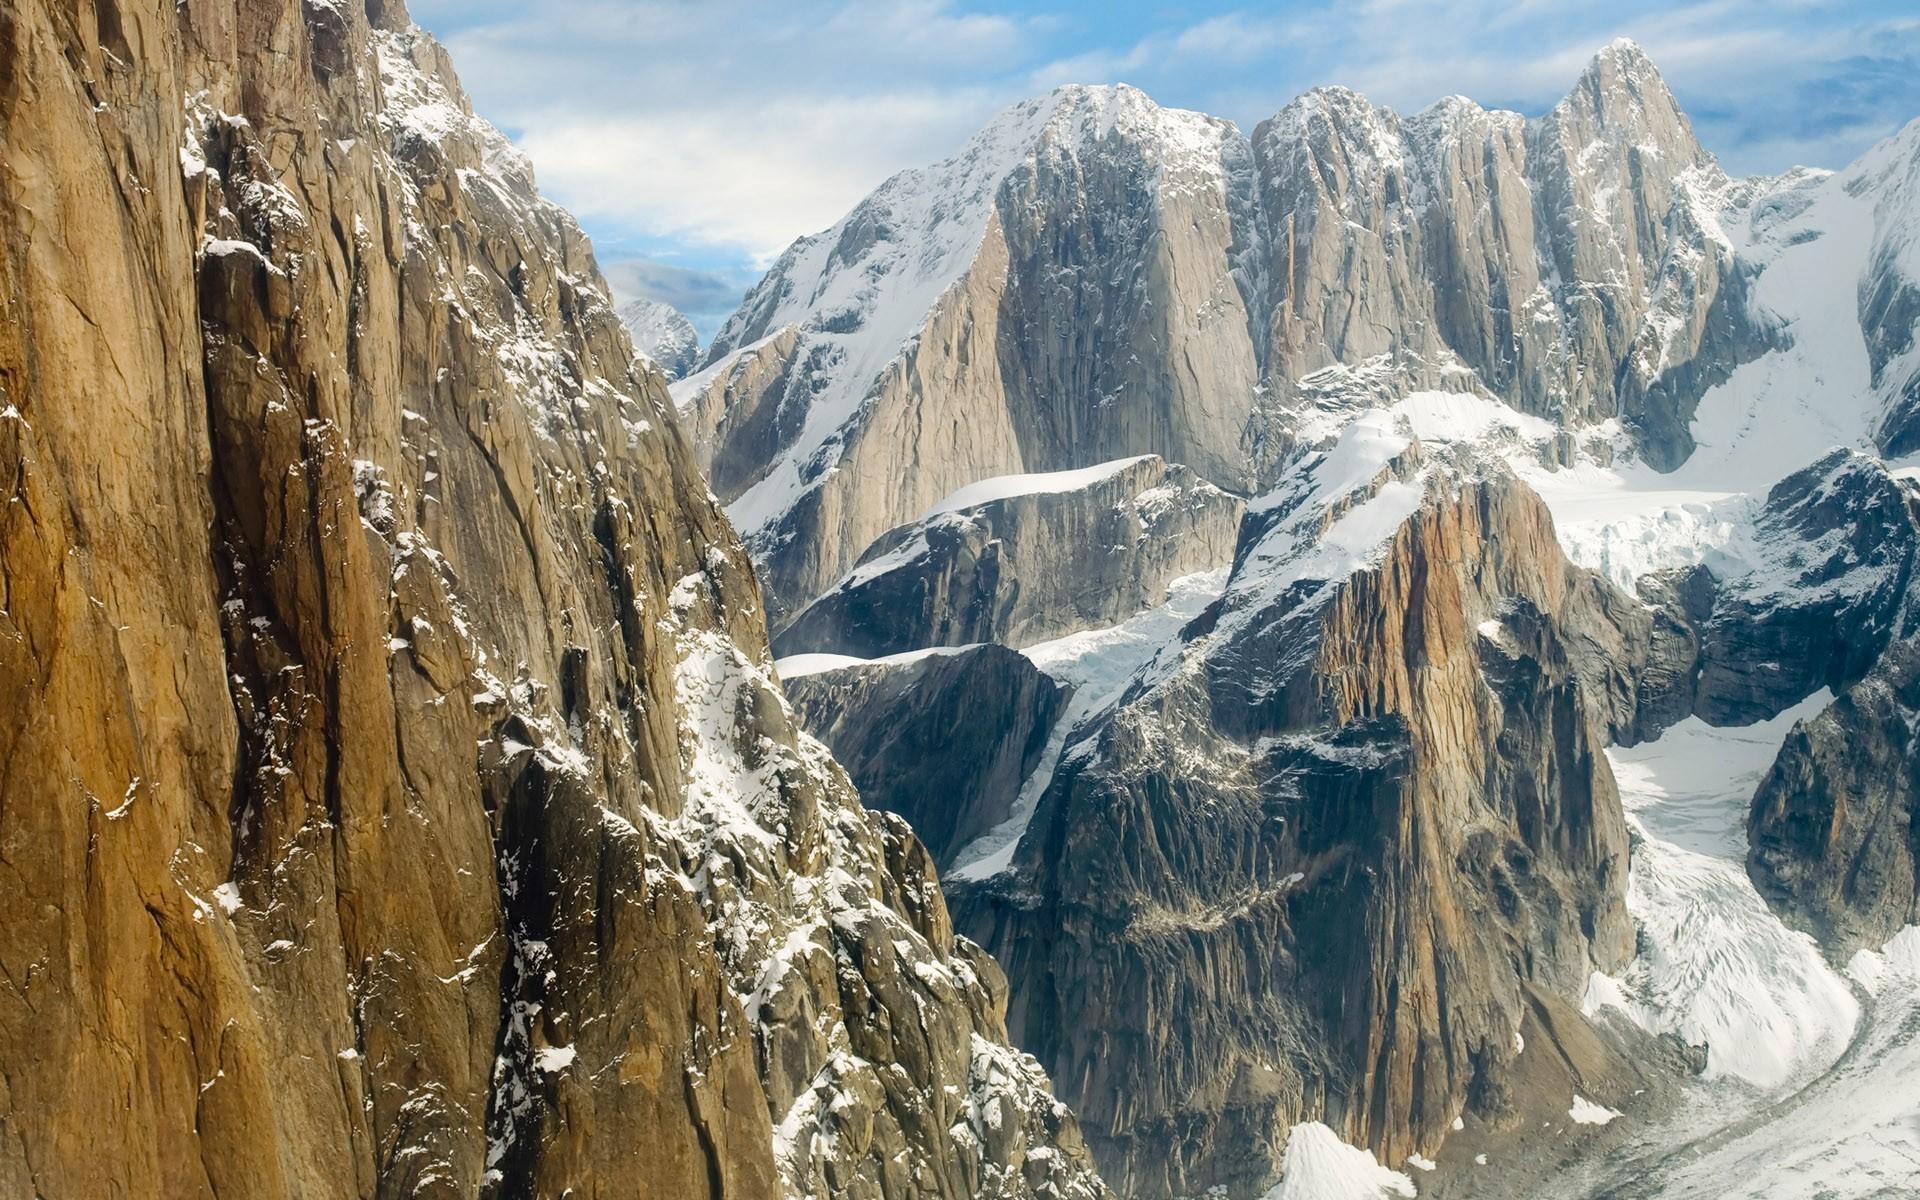 mountain wallpaper snowy winter